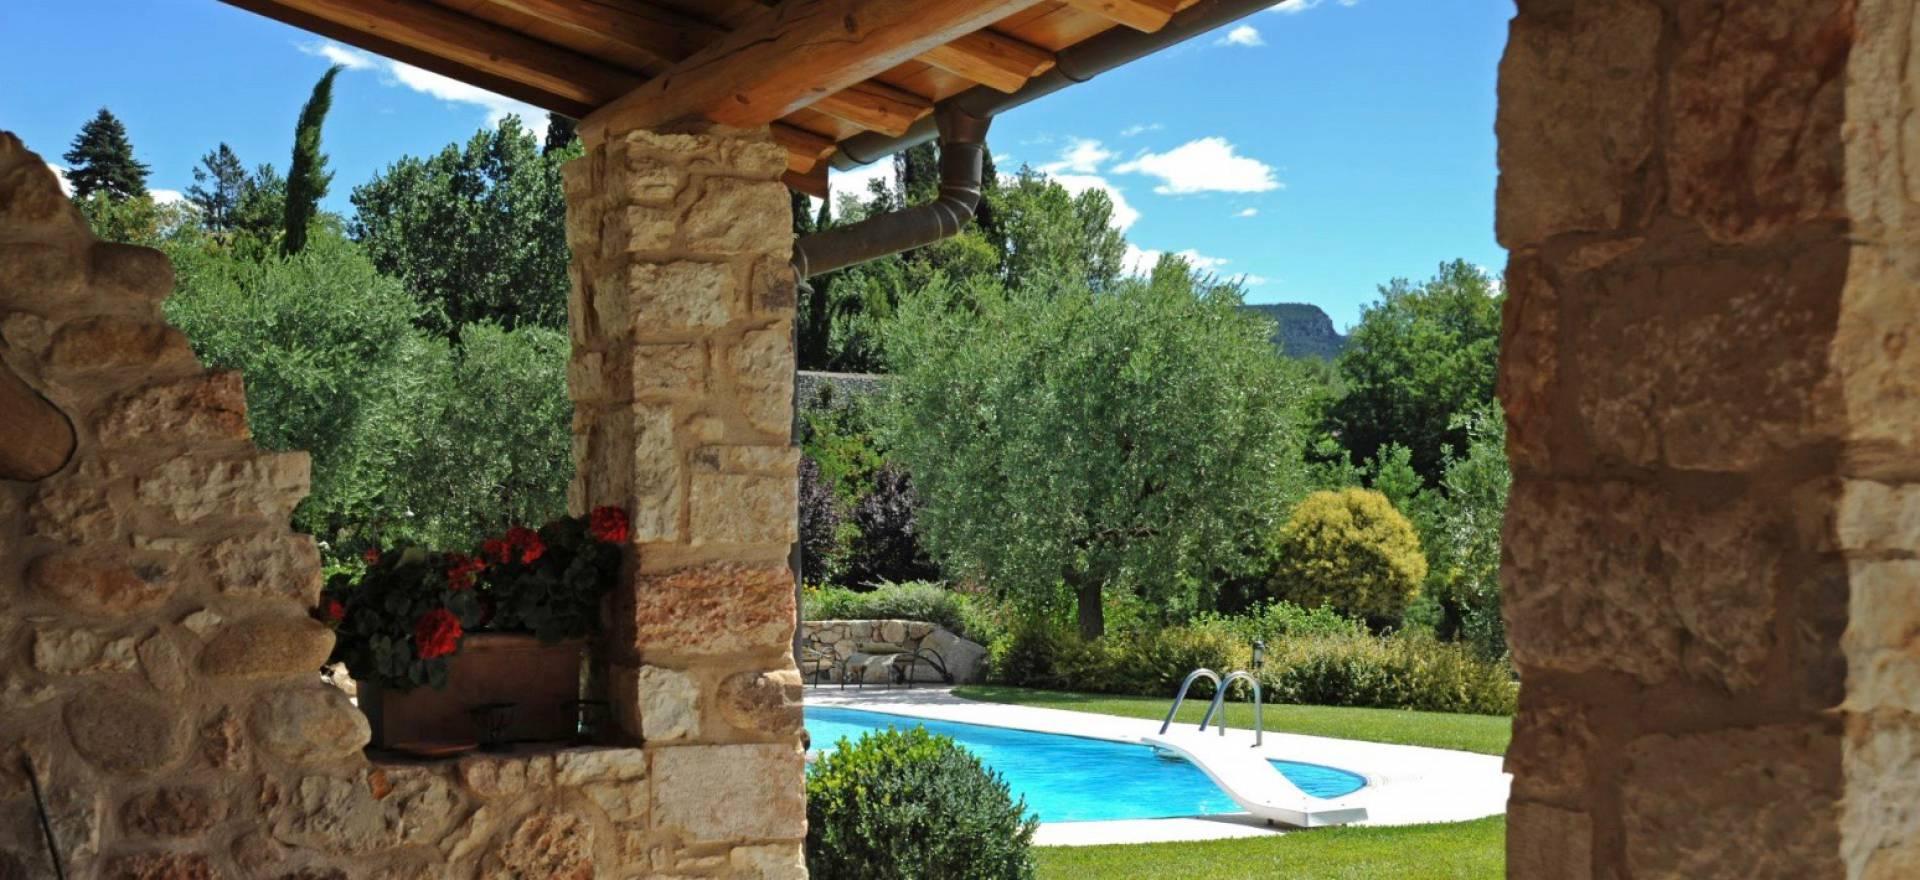 Agriturismo Lago di Como e lago di Garda Agriturismo lago di Garda, appartamenti belli con terrazza